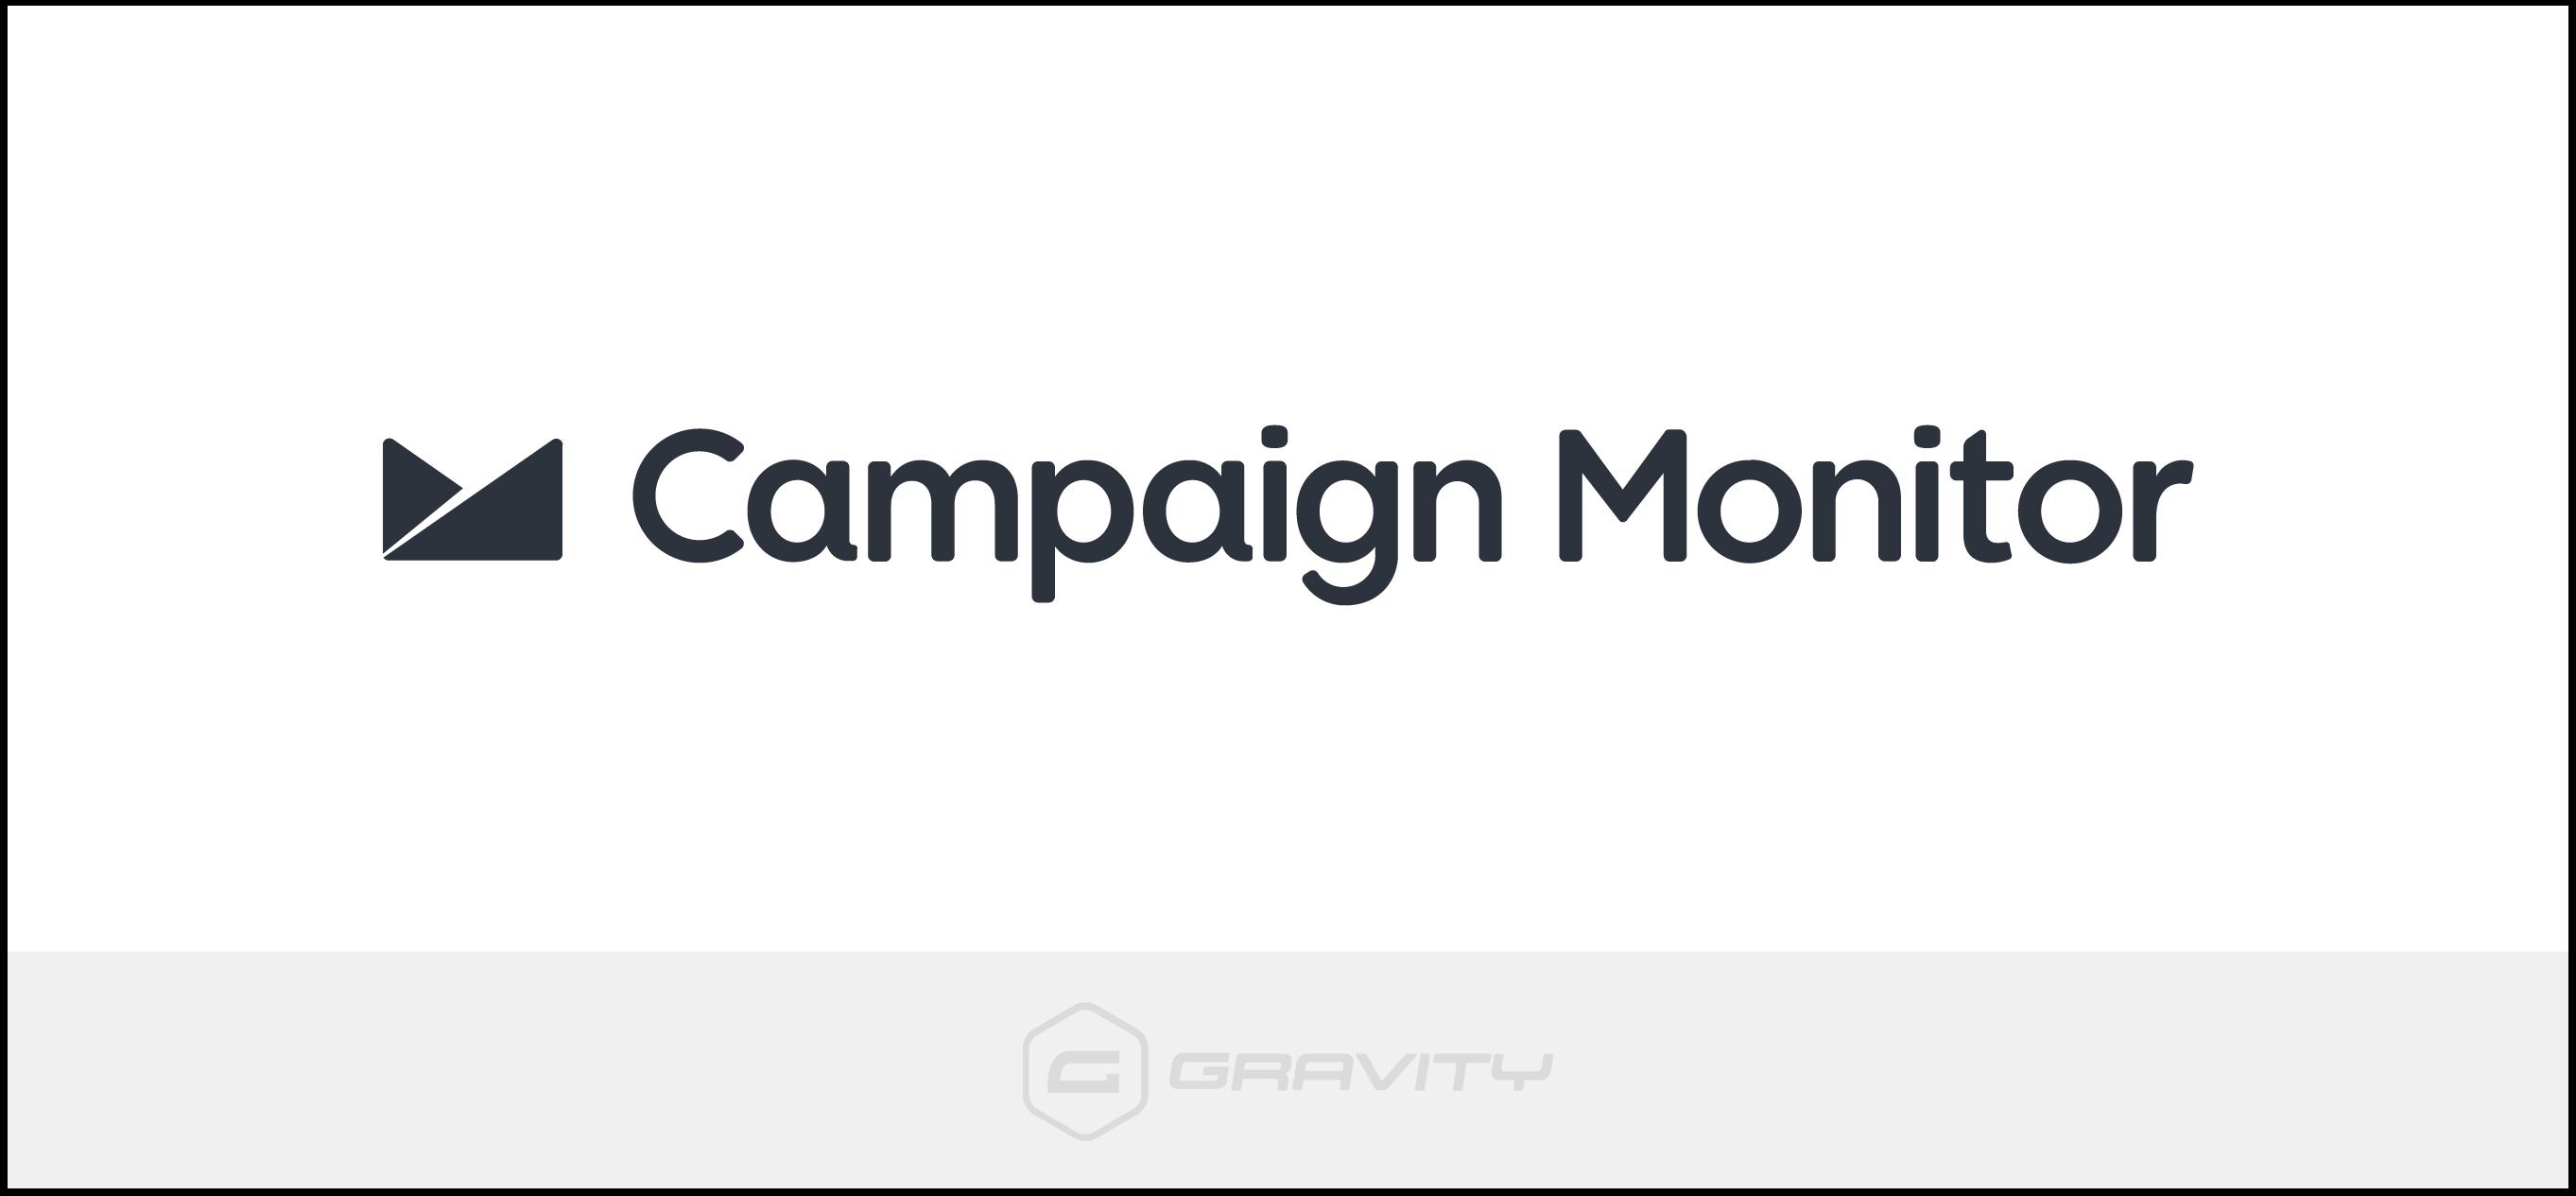 campaignmonitor